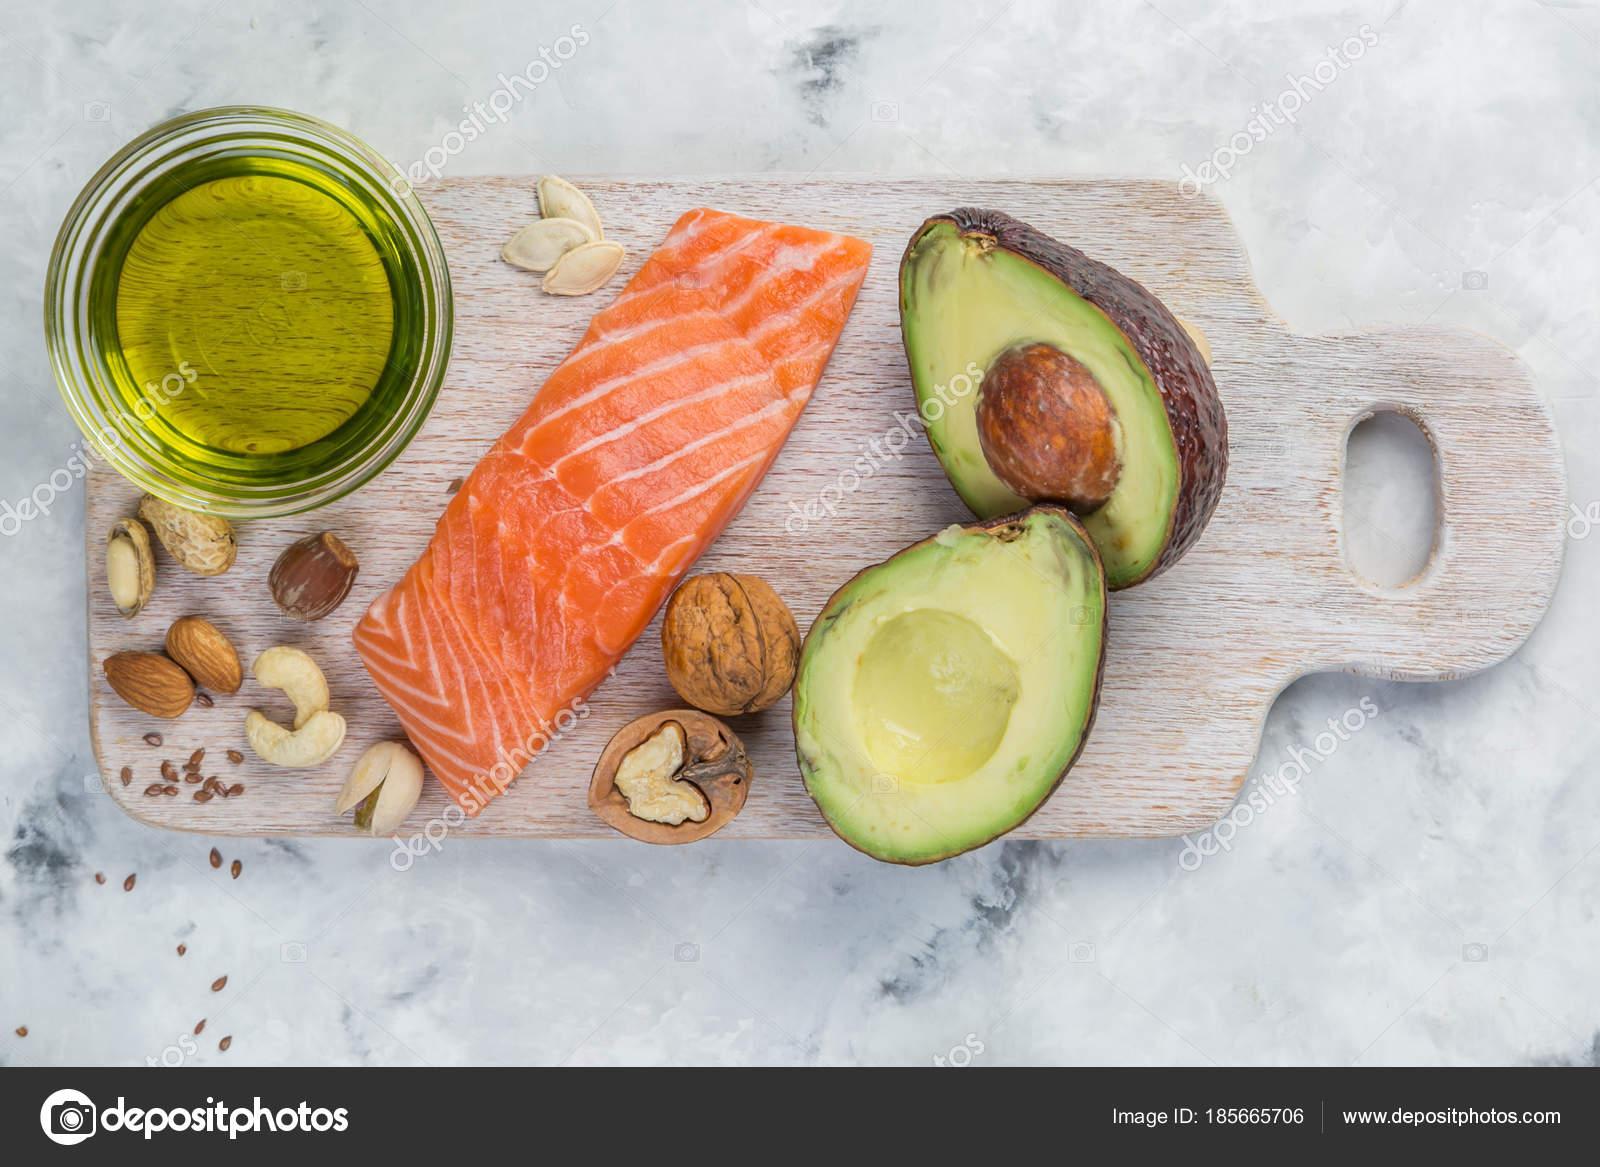 Düşük yağlı balıklar herhangi bir diyet için uygundur